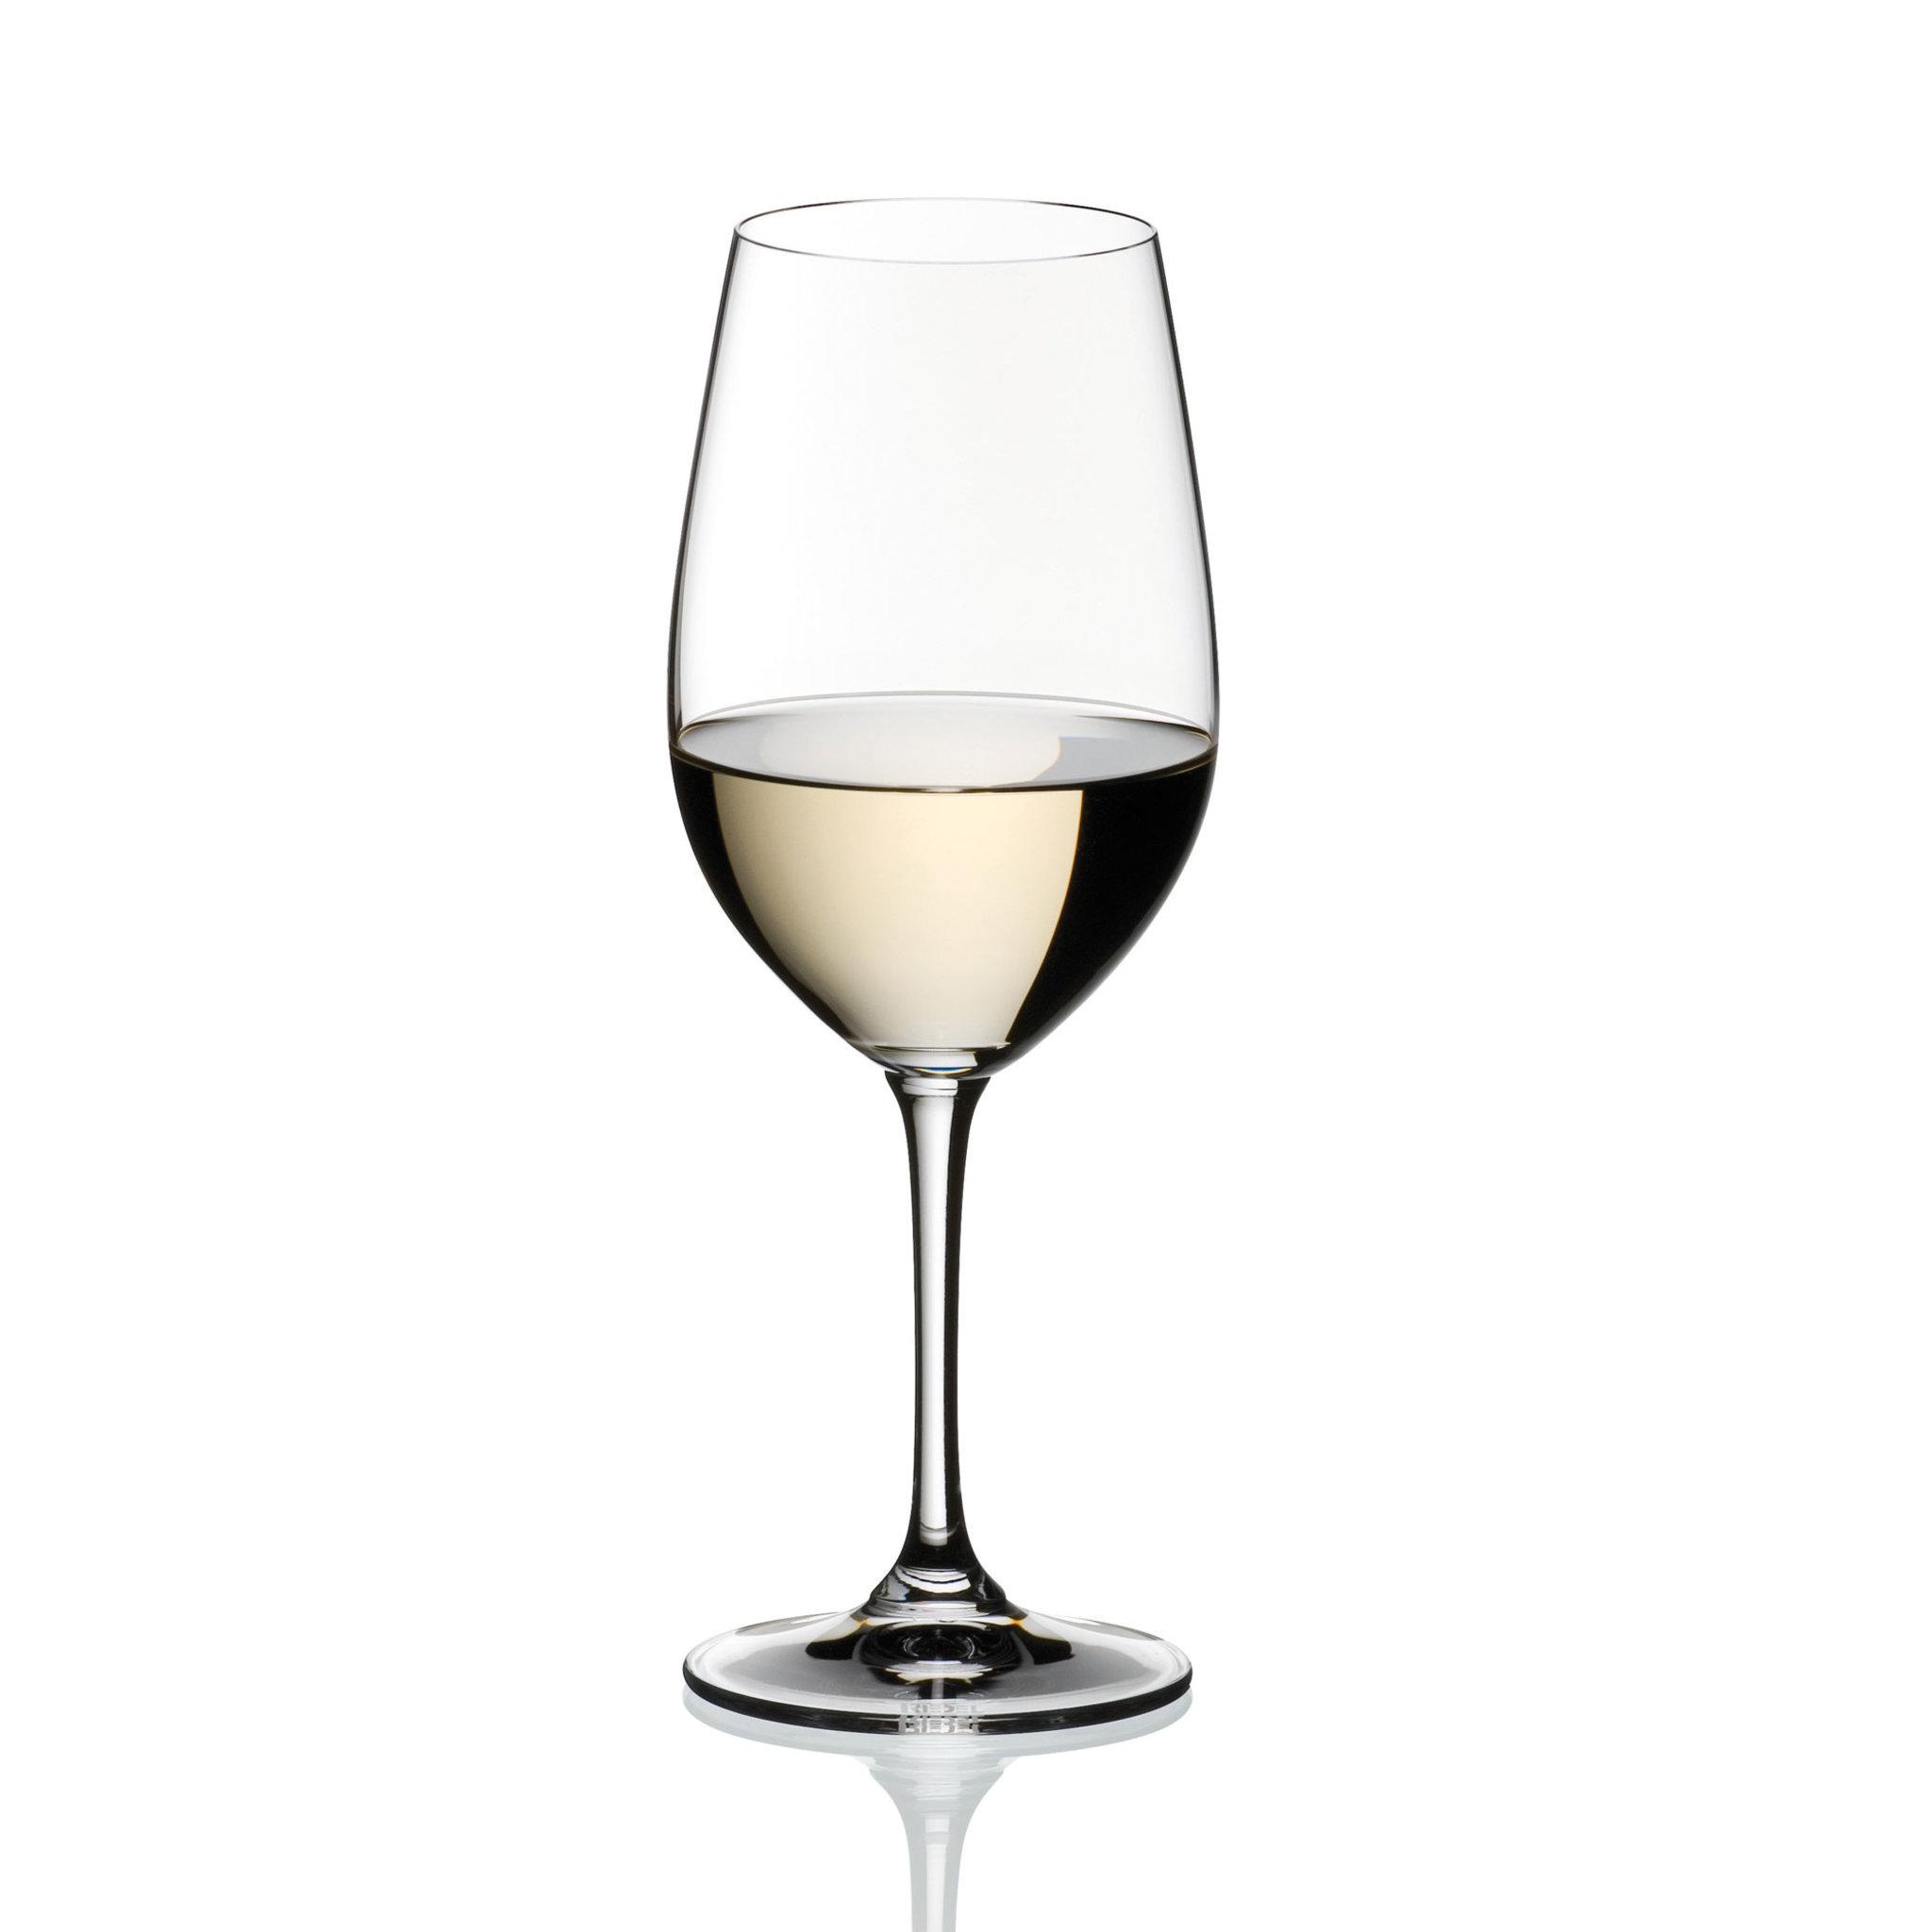 Storslået Glas - Kök - Köp online på åhlens.se! VQ77